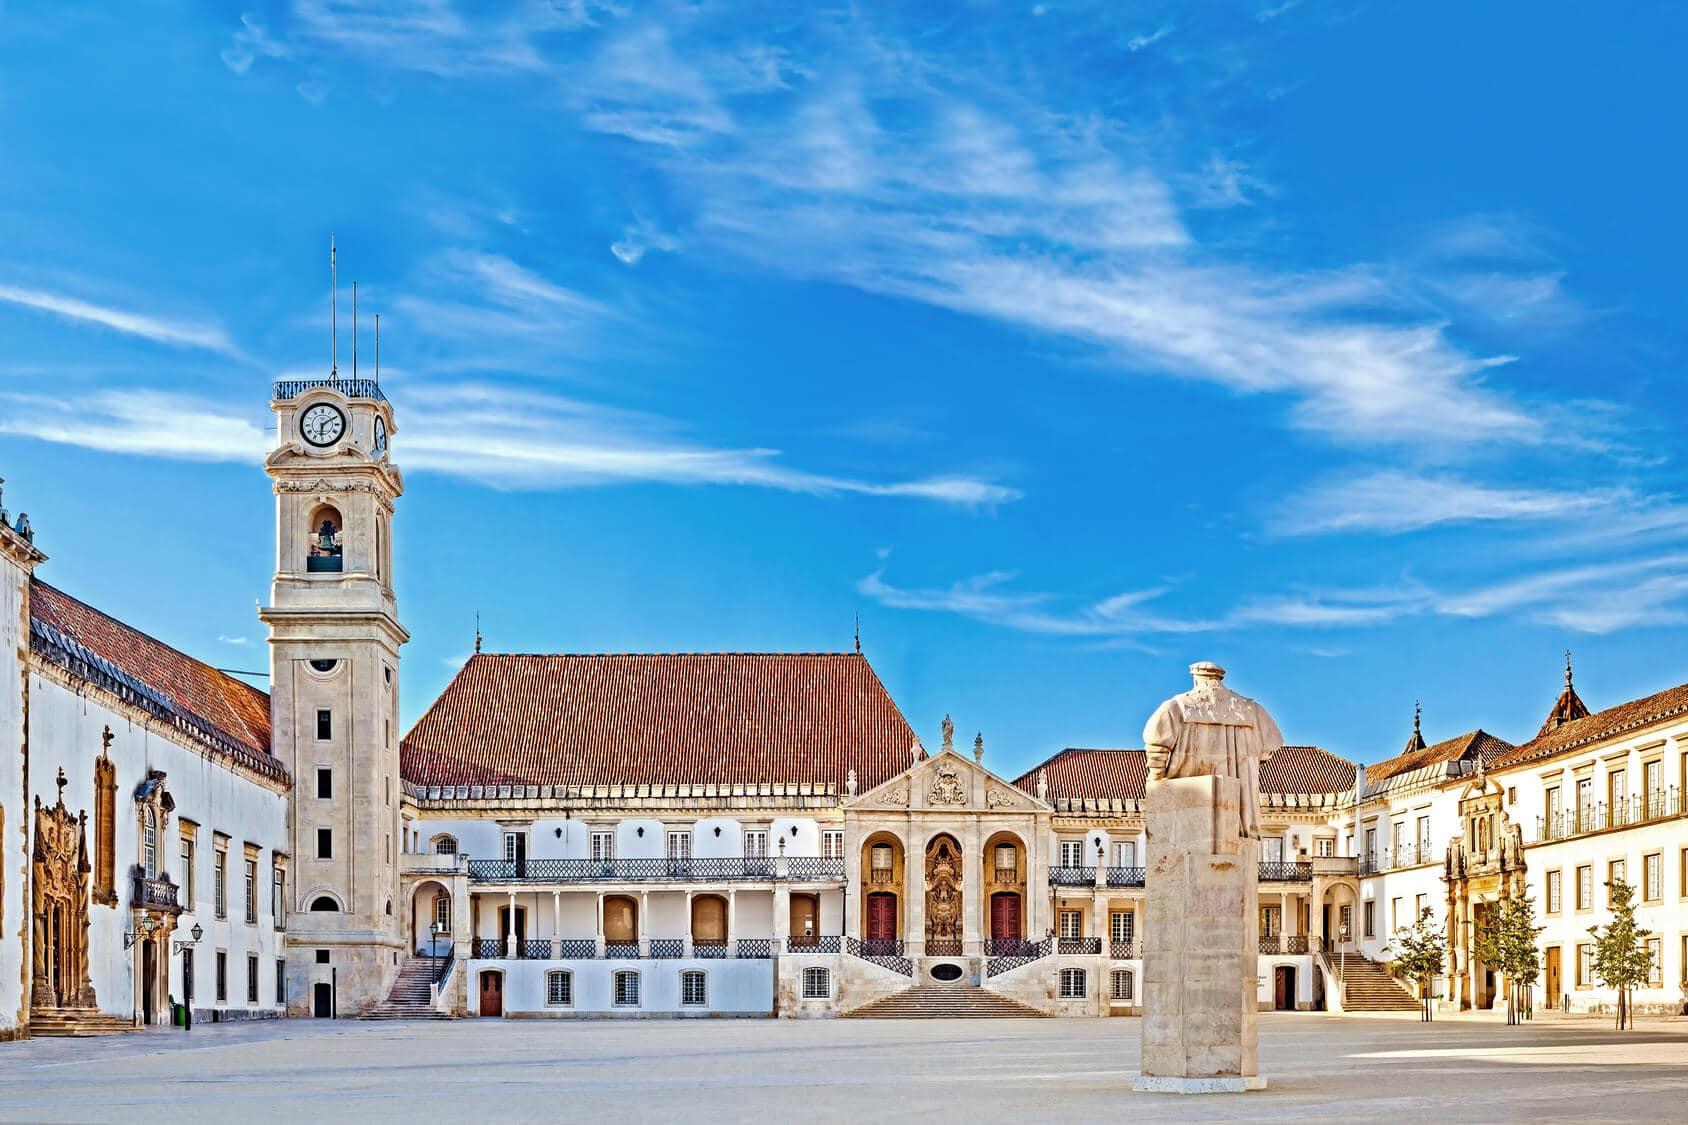 Visitas Guiadas Coimbra: Universidade de Coimbra